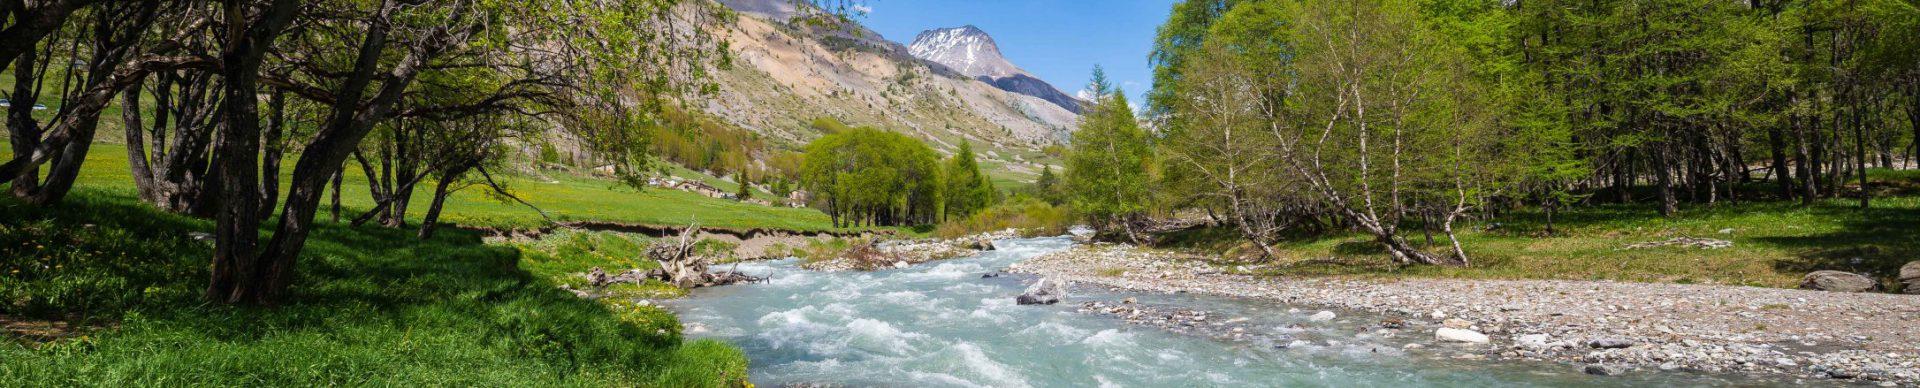 Rivière Ubaye